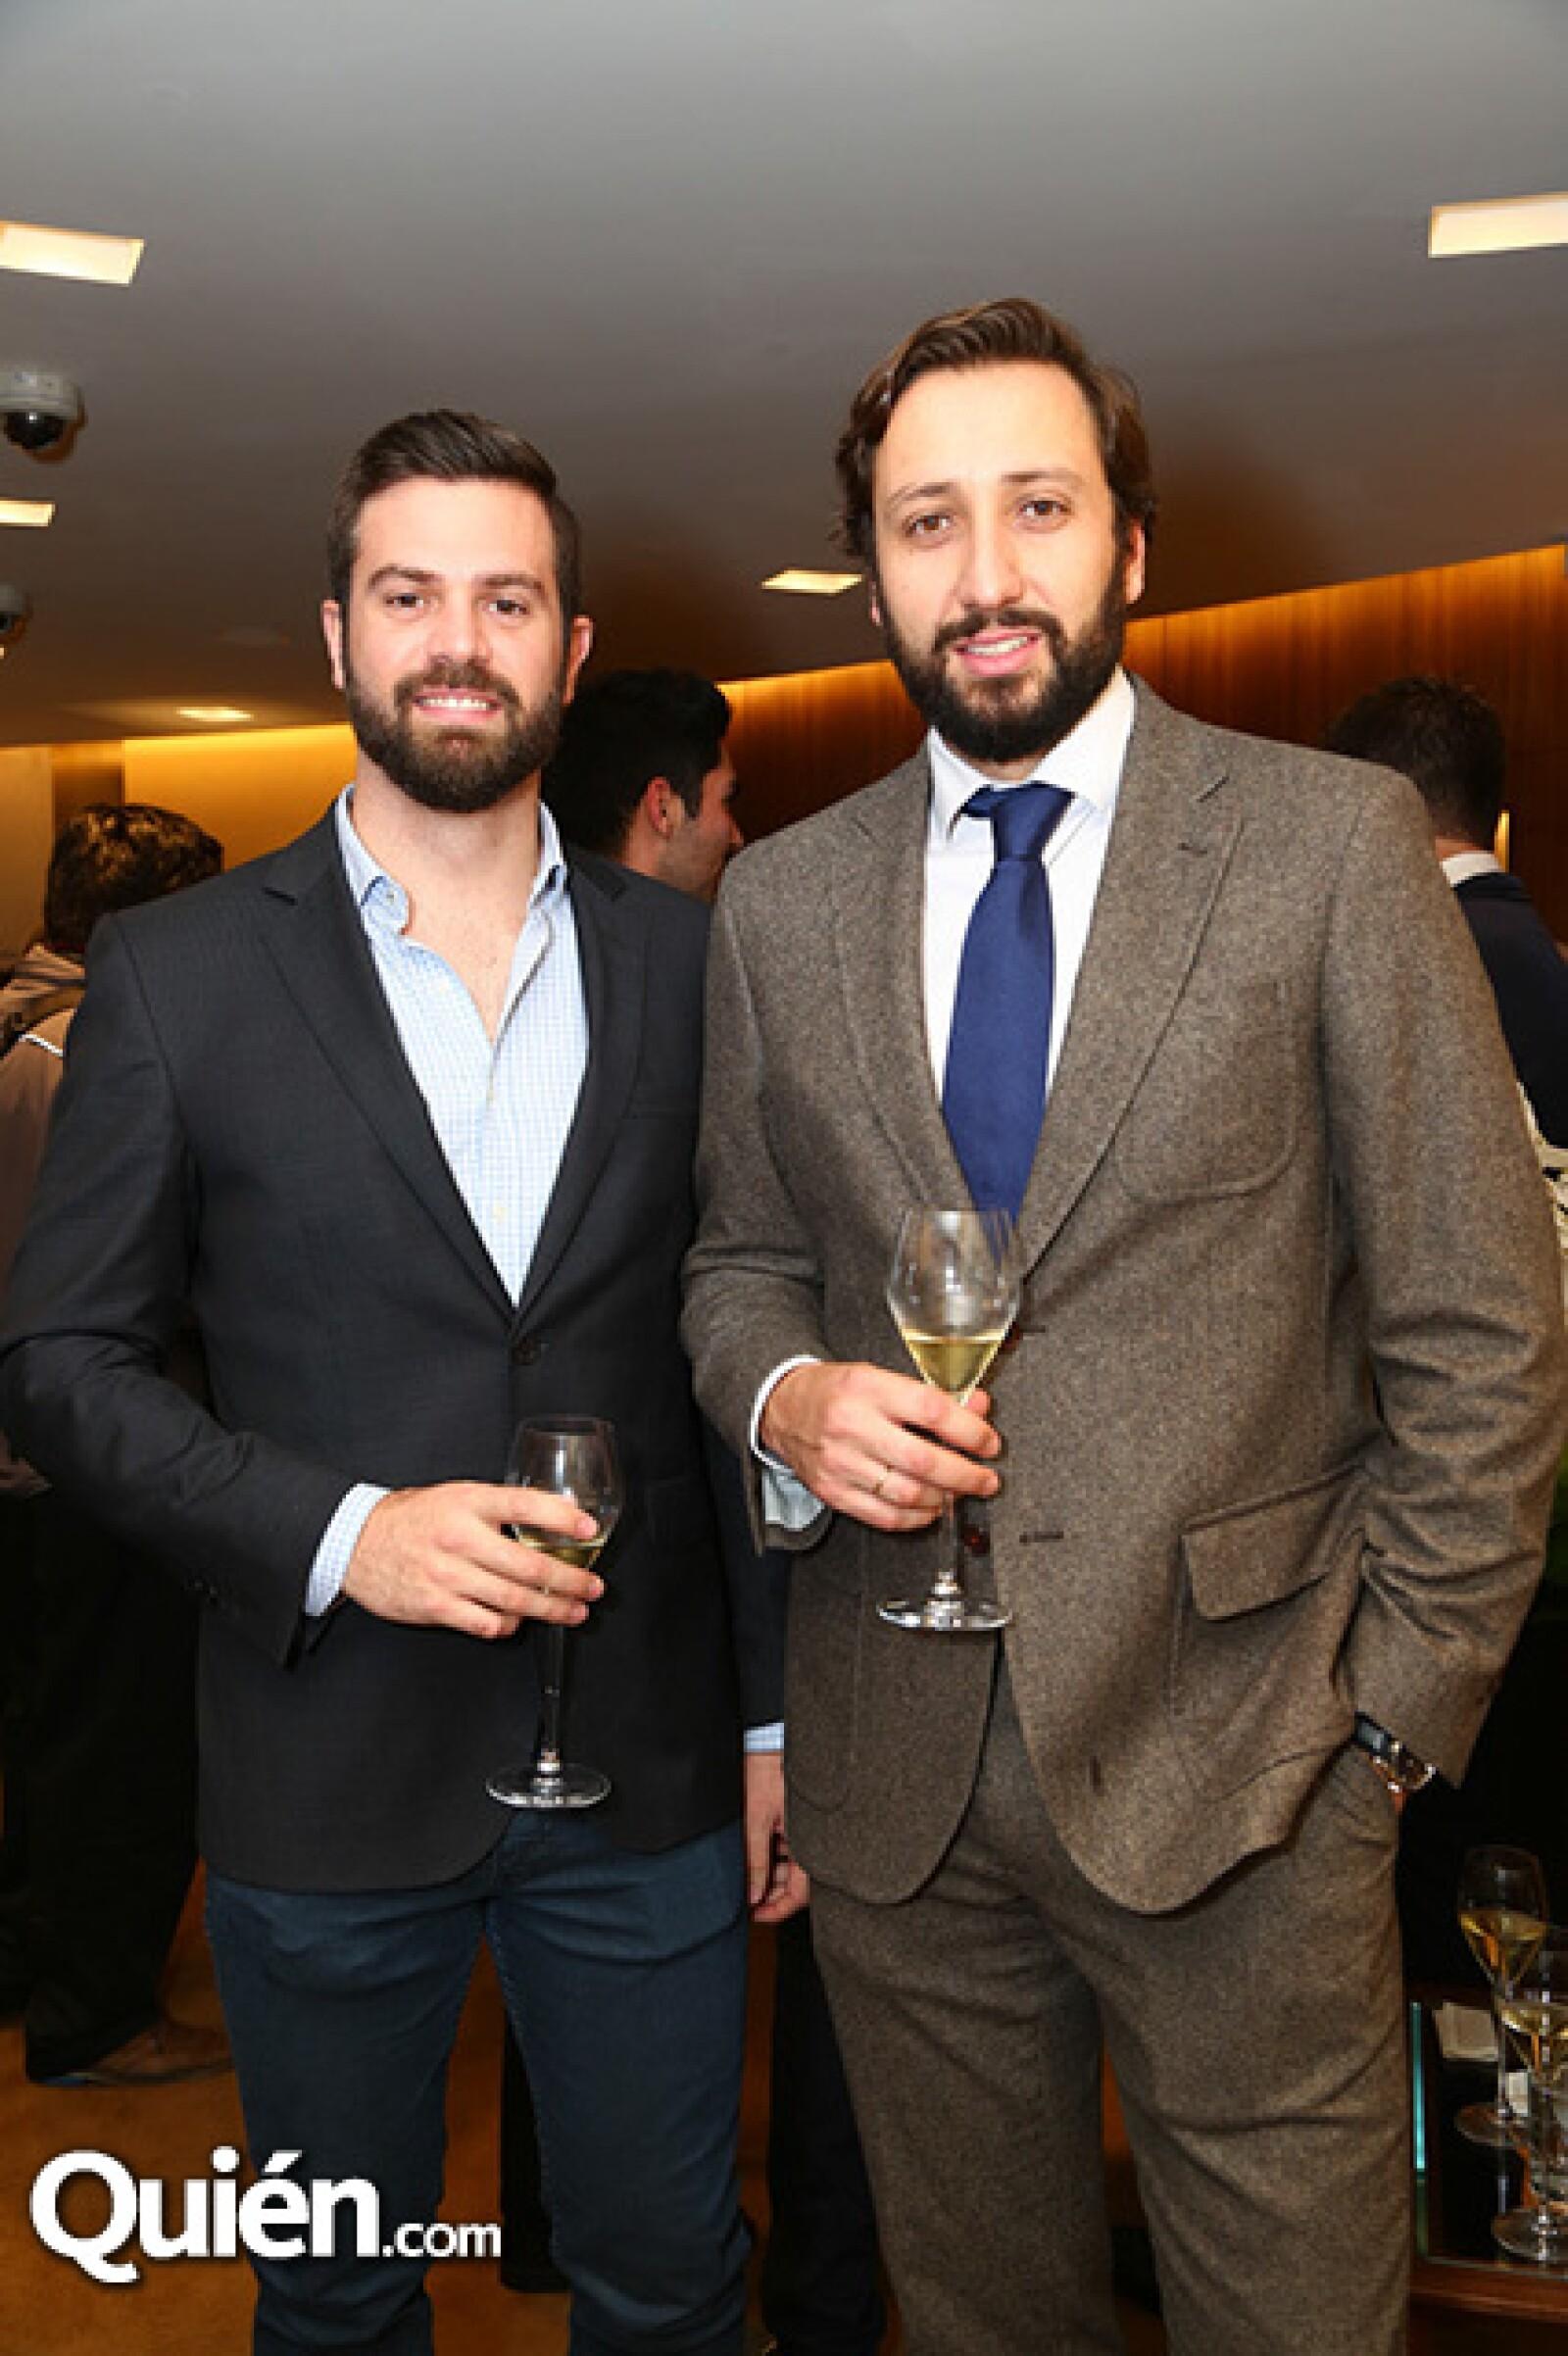 Juan Valeor y Manuel Quintanero